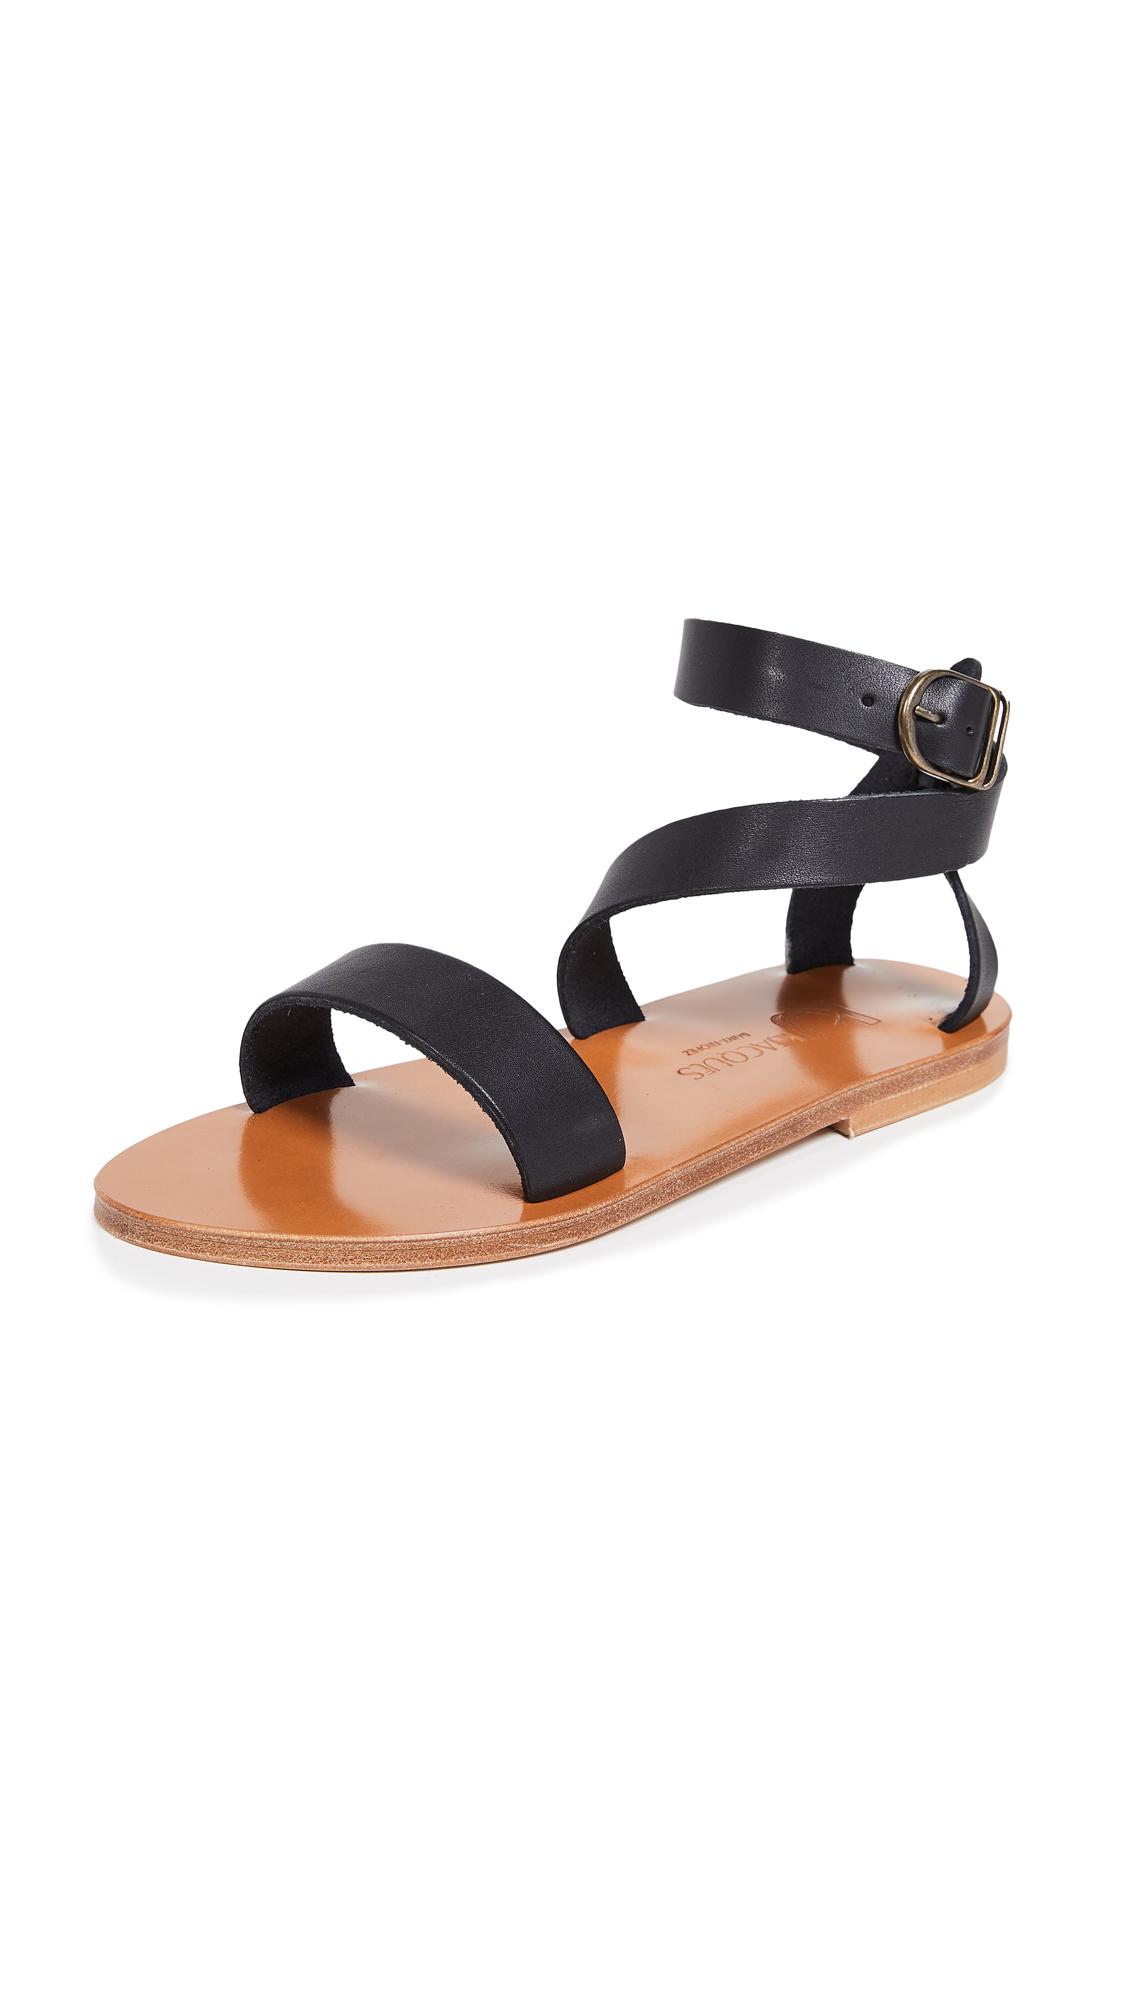 K. Jacques Cagliari Sandals - Pul Noir